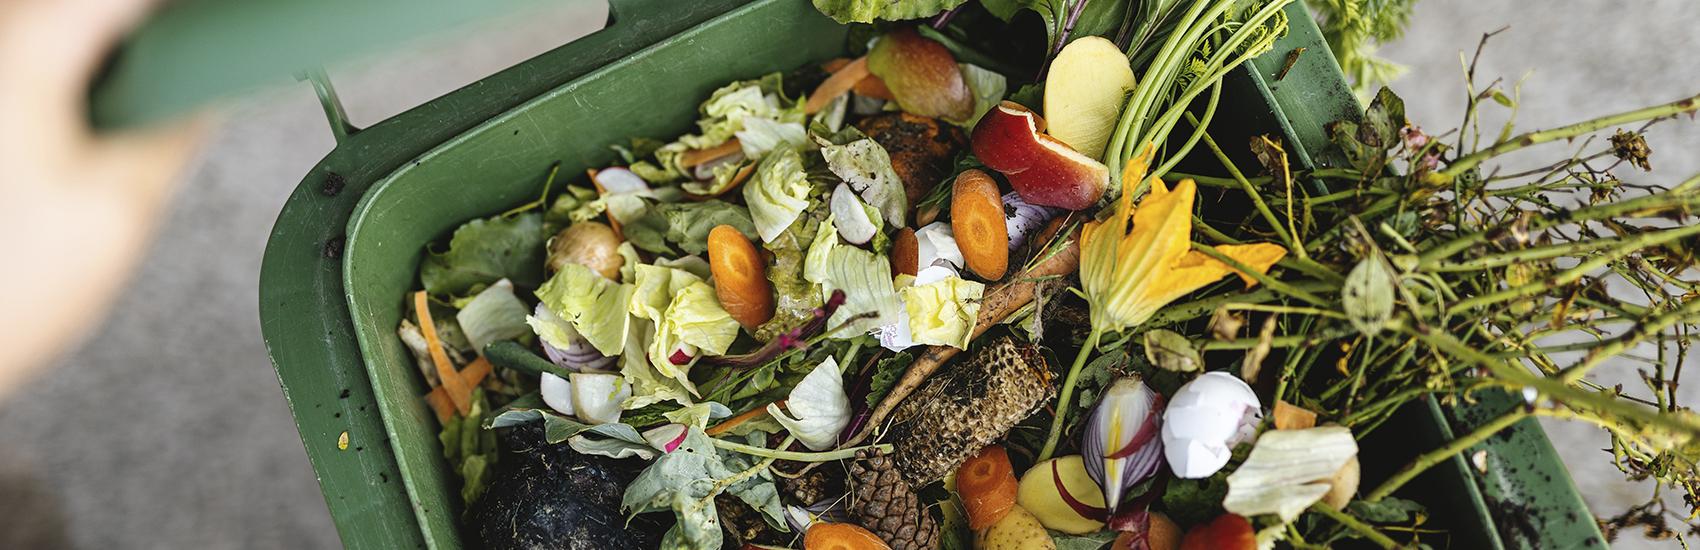 Rohstoffe für Kompost die geeignet sind für die Kompostieranlagen der Qualikomp AG in Emmen